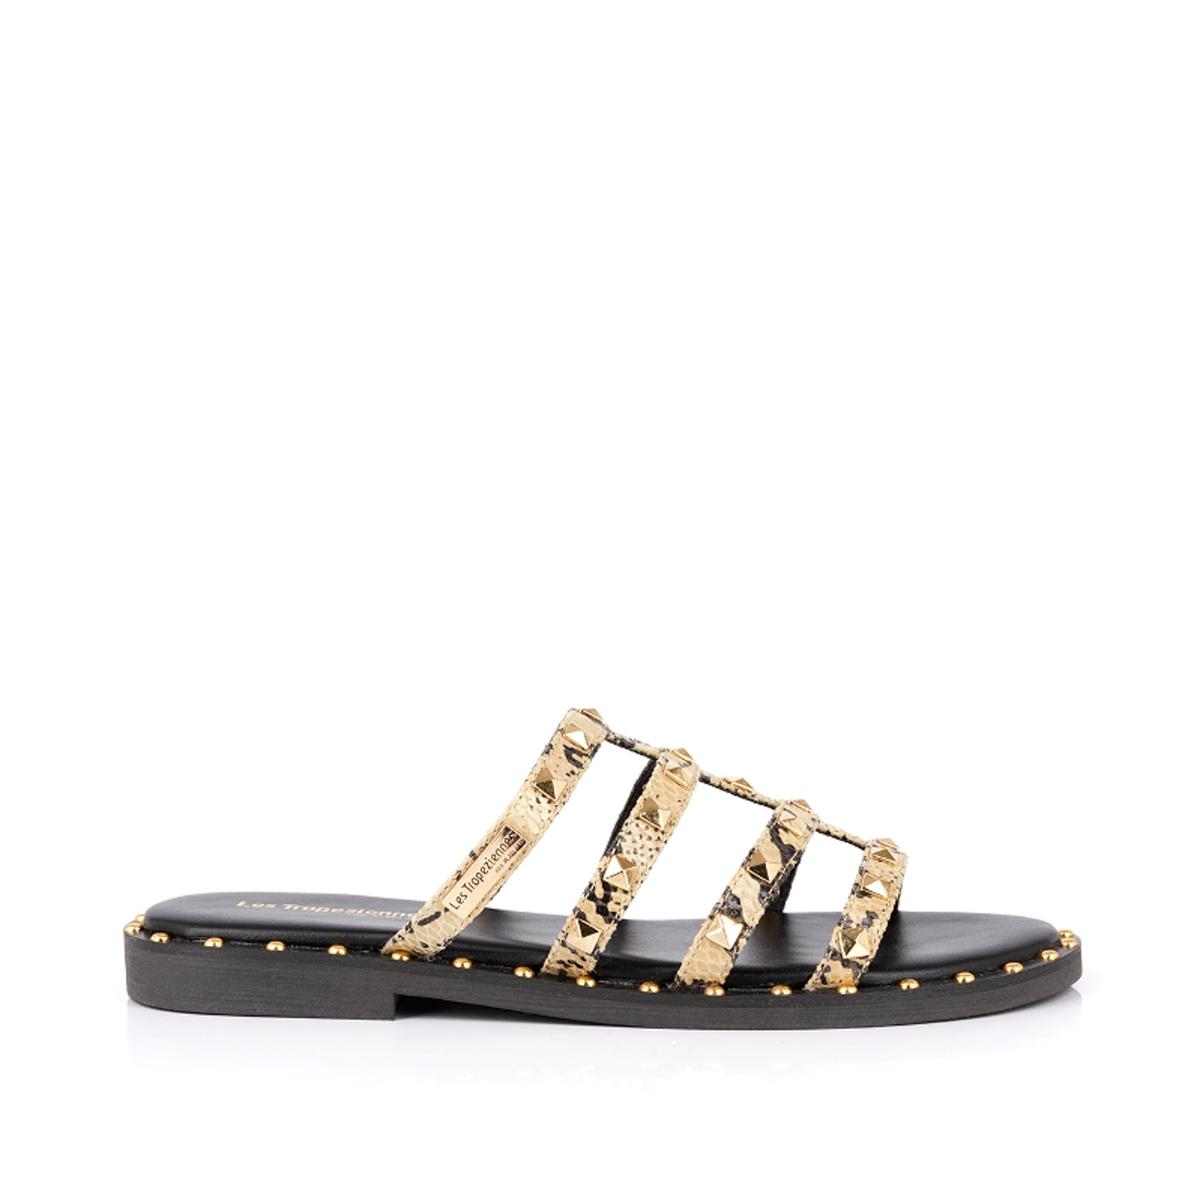 Туфли La Redoute Без задника кожаные Dory 38 черный туфли без задника кожаные с блестящими деталями